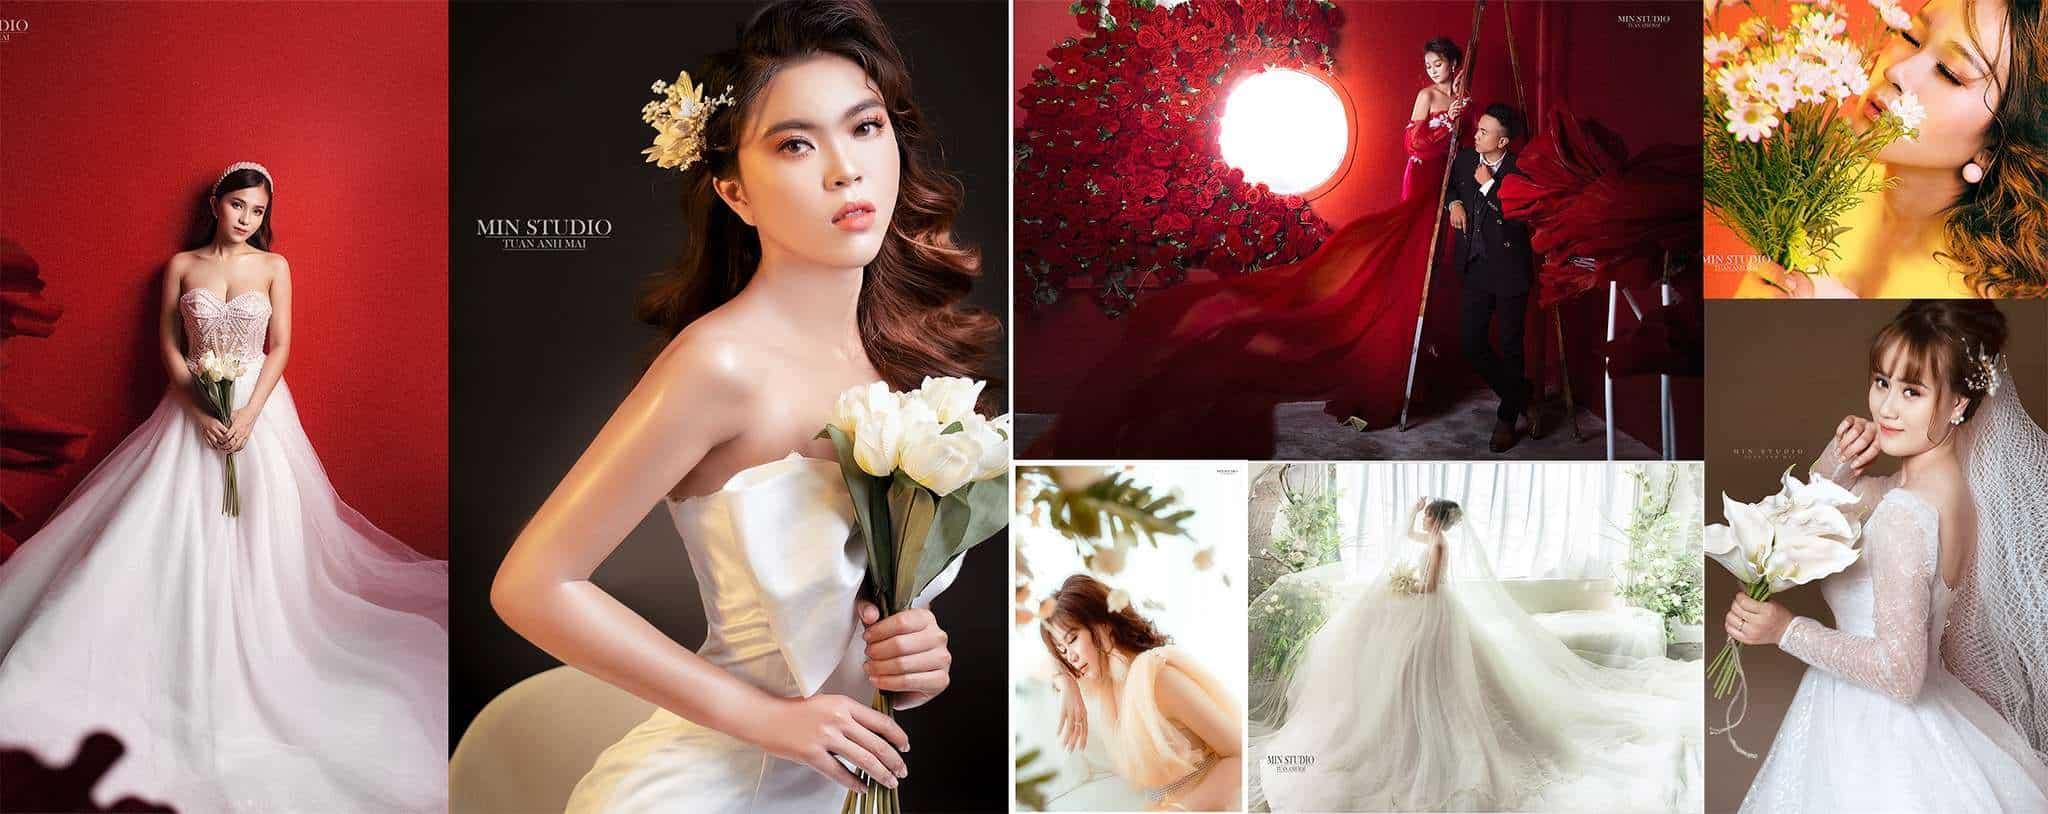 Top 10 Địa Chỉ Trang Điểm Cô Dâu Đẹp Xuất Sắc Tại Nha Trang -  - Chang Make Up | Cường Trần Studio | Lyn Artist 31